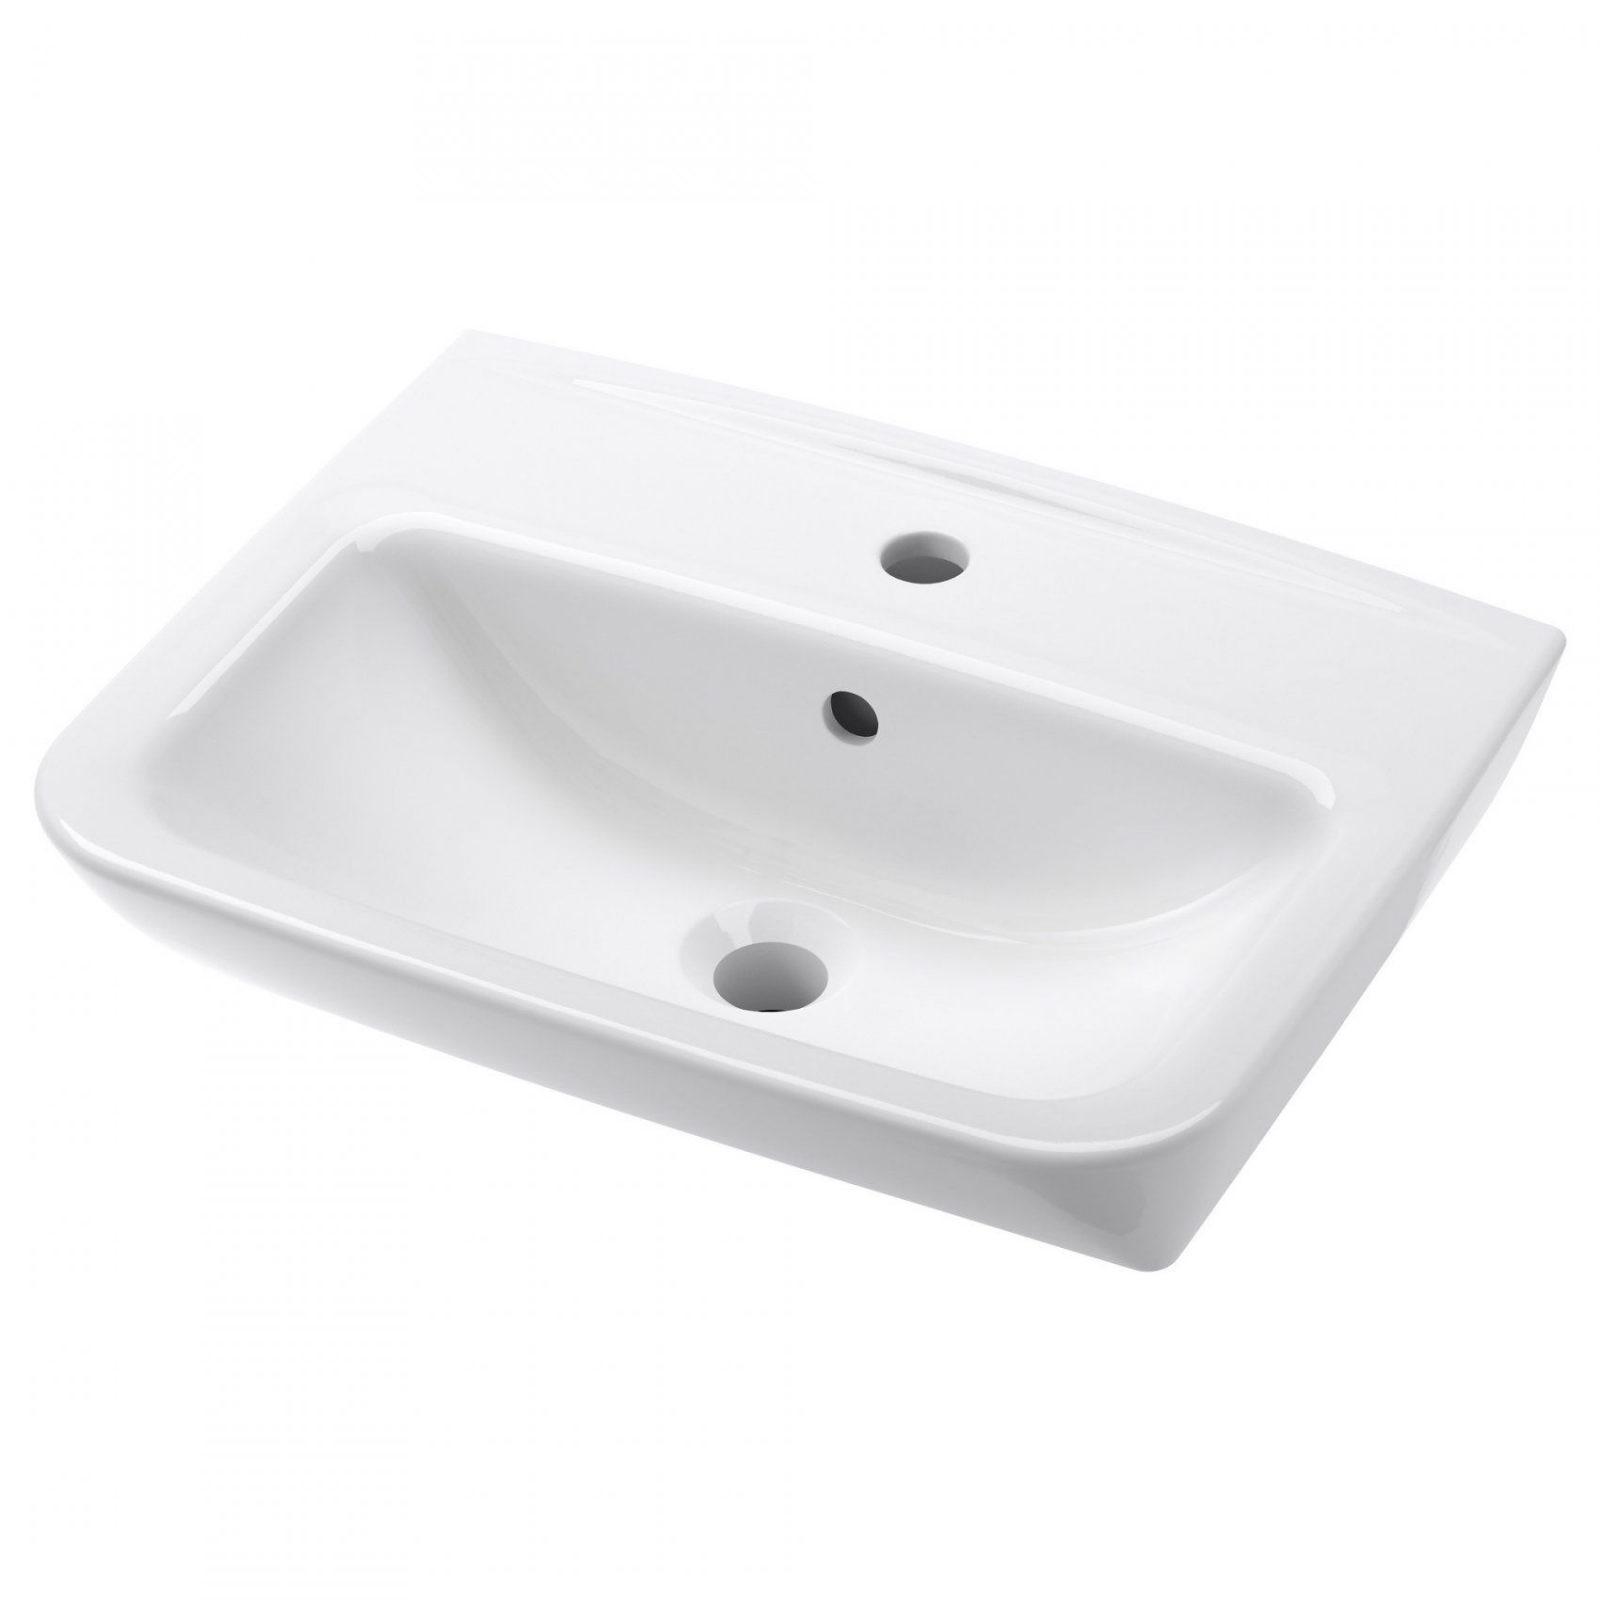 Waschbecken 40 Cm Tief  Frische Haus Ideen von Waschbecken 40 Cm Tief Bild